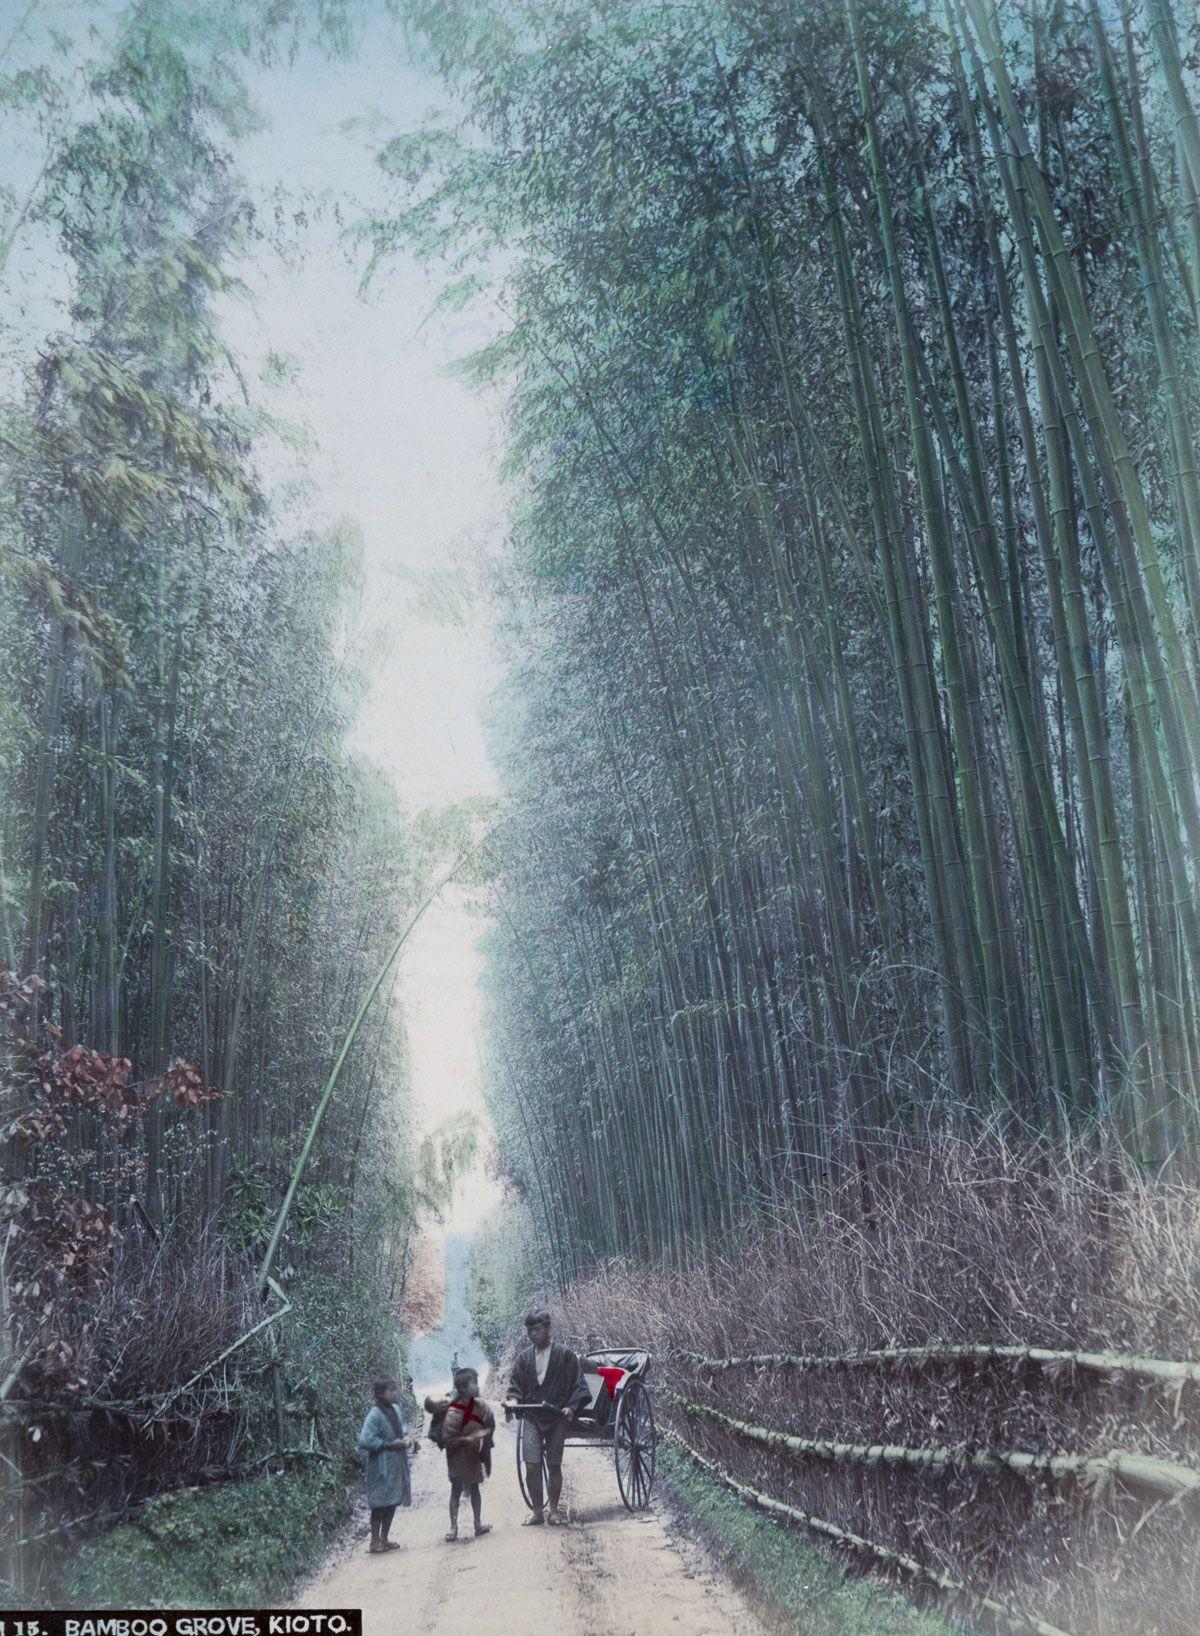 京都的人力车与竹林。(New York Public Library)